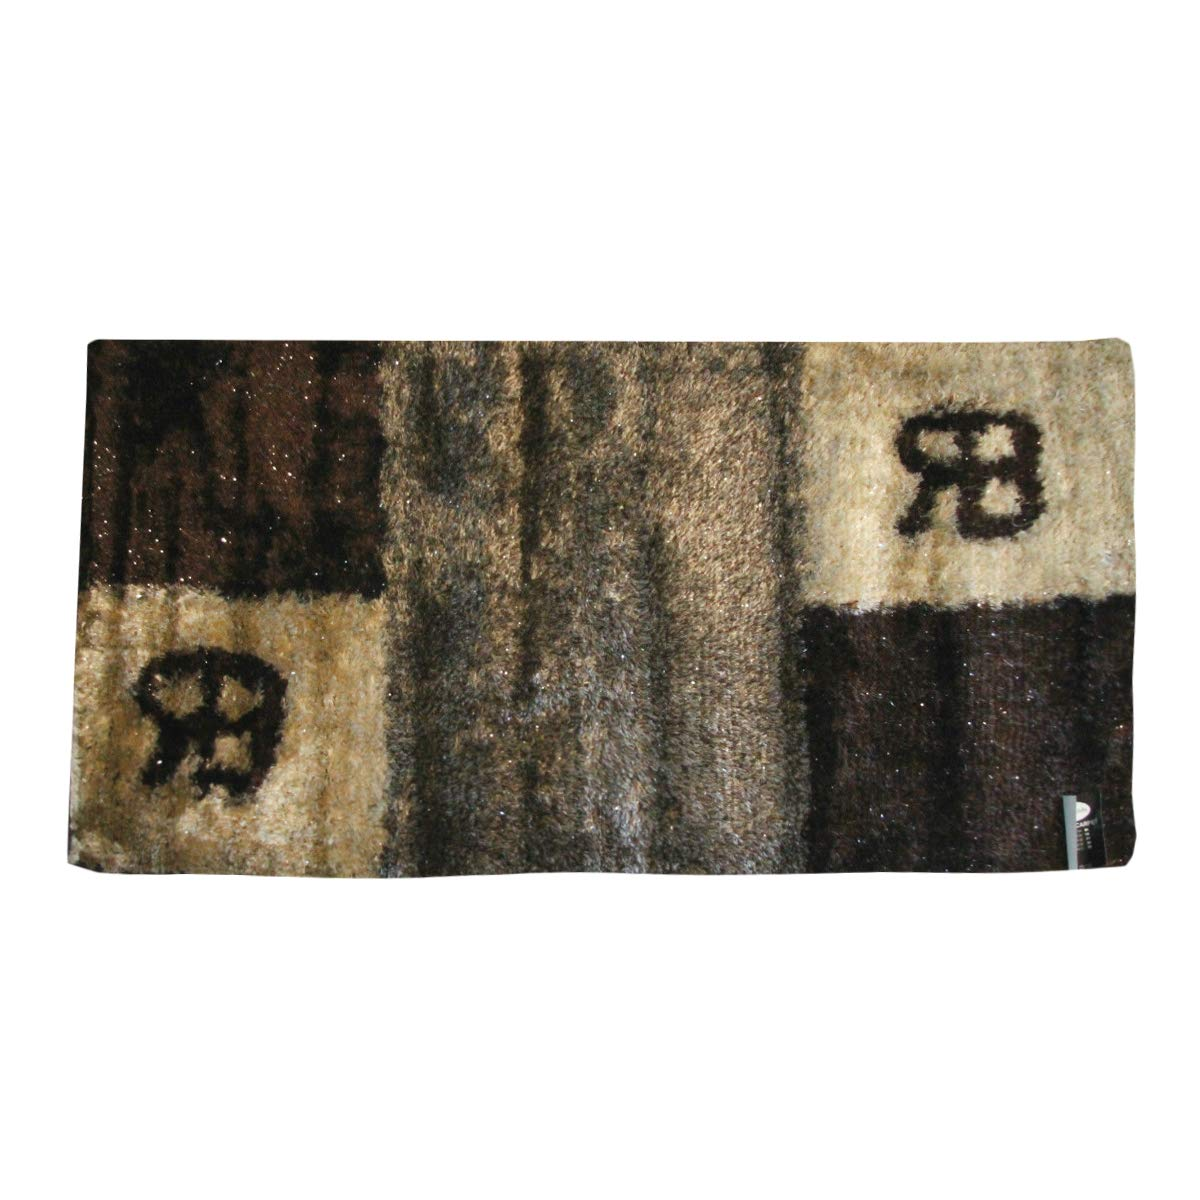 Arancione Russo Tessuti Tappeto Carpet Camera da Letto Ufficio Salone 70x140 cm Renato Balestra